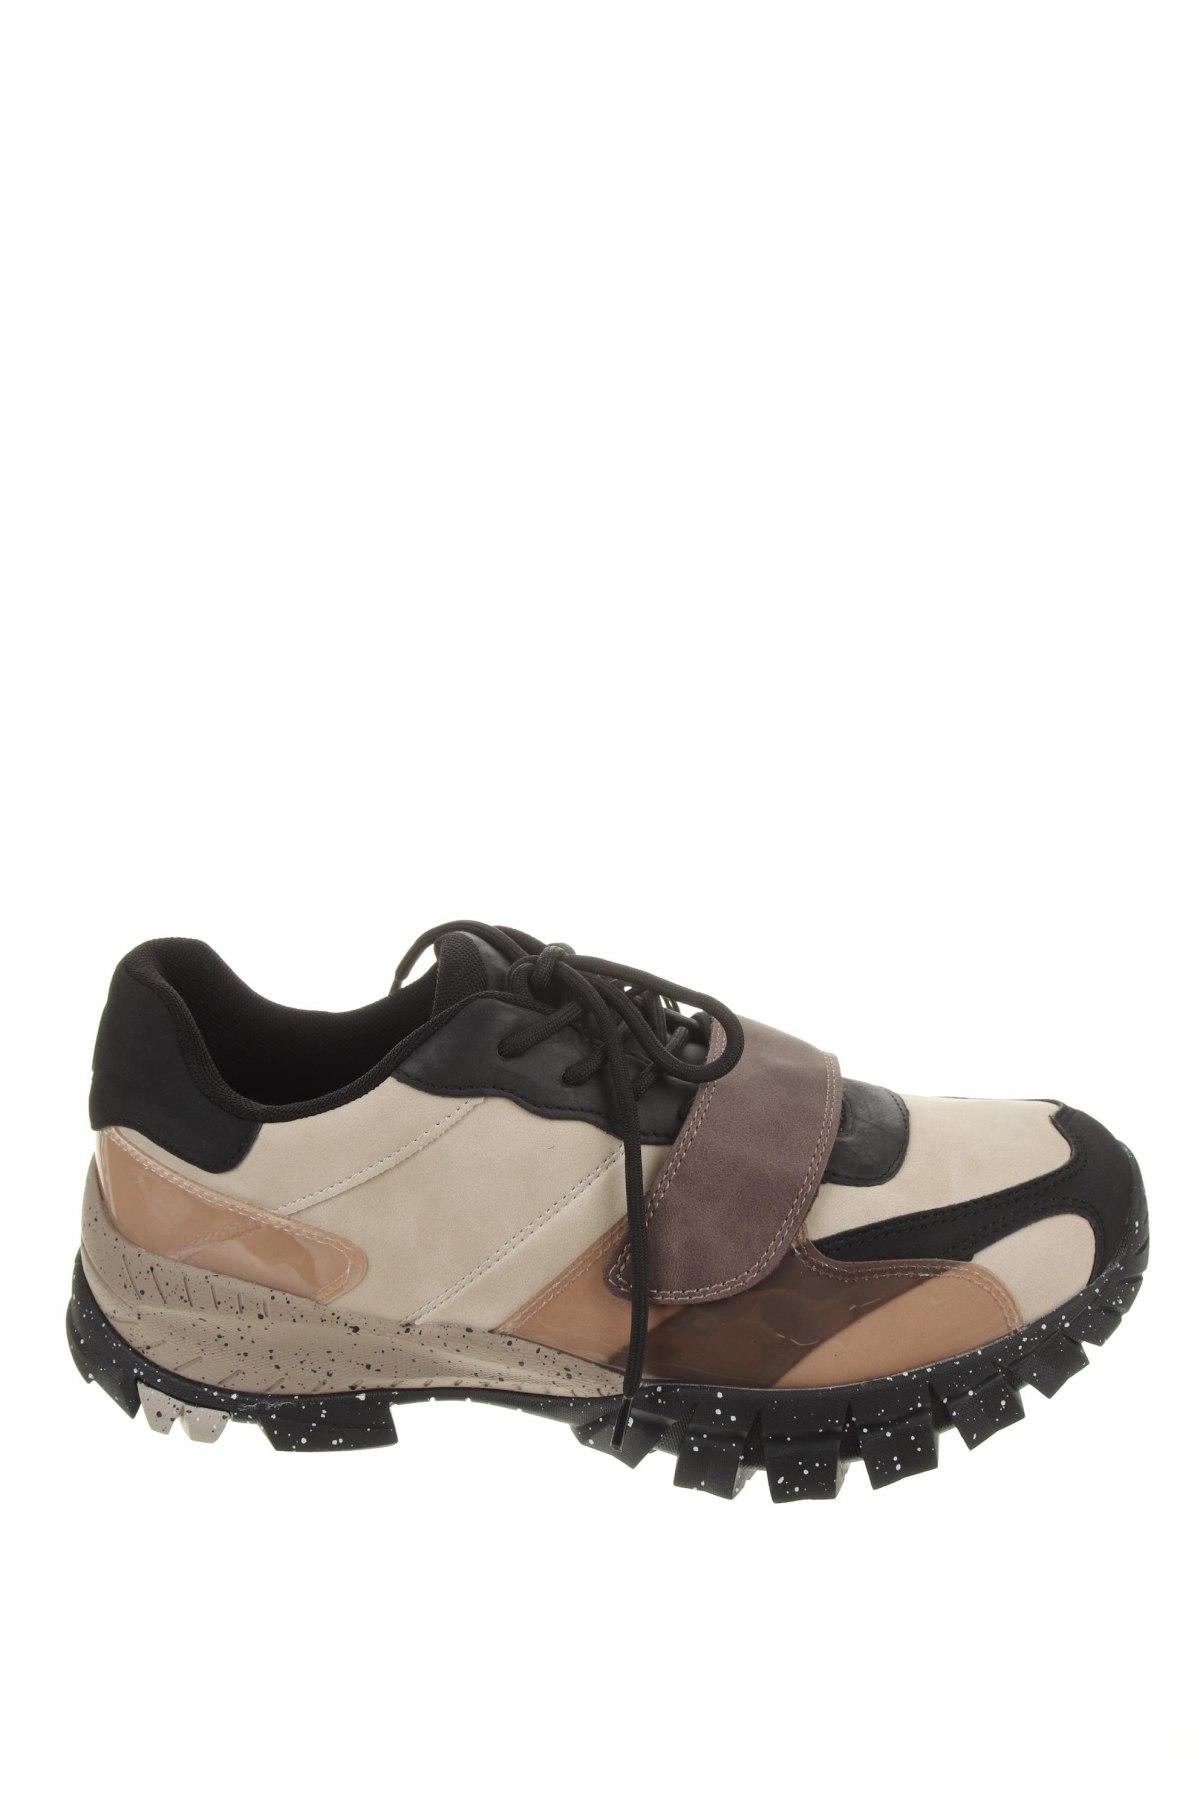 Ανδρικά παπούτσια Pull&Bear, Μέγεθος 45, Χρώμα Πολύχρωμο, Δερματίνη, πολυουρεθάνης, Τιμή 20,10€